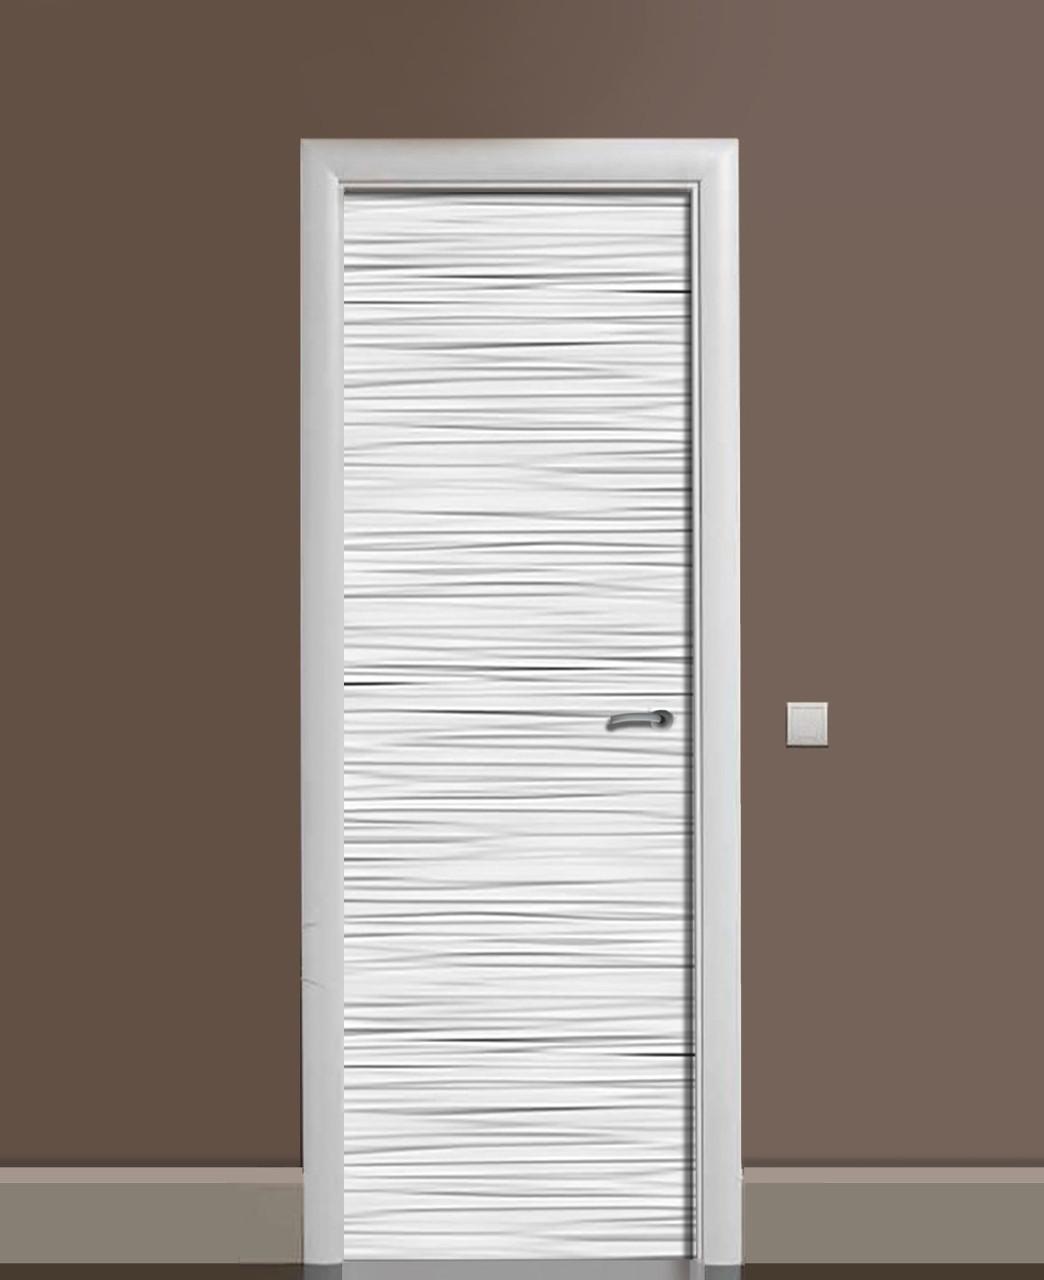 Декор двери Наклейка виниловая Мятый лён 3Д эффект ПВХ пленка с ламинацией 65*200см Текстуры Серый